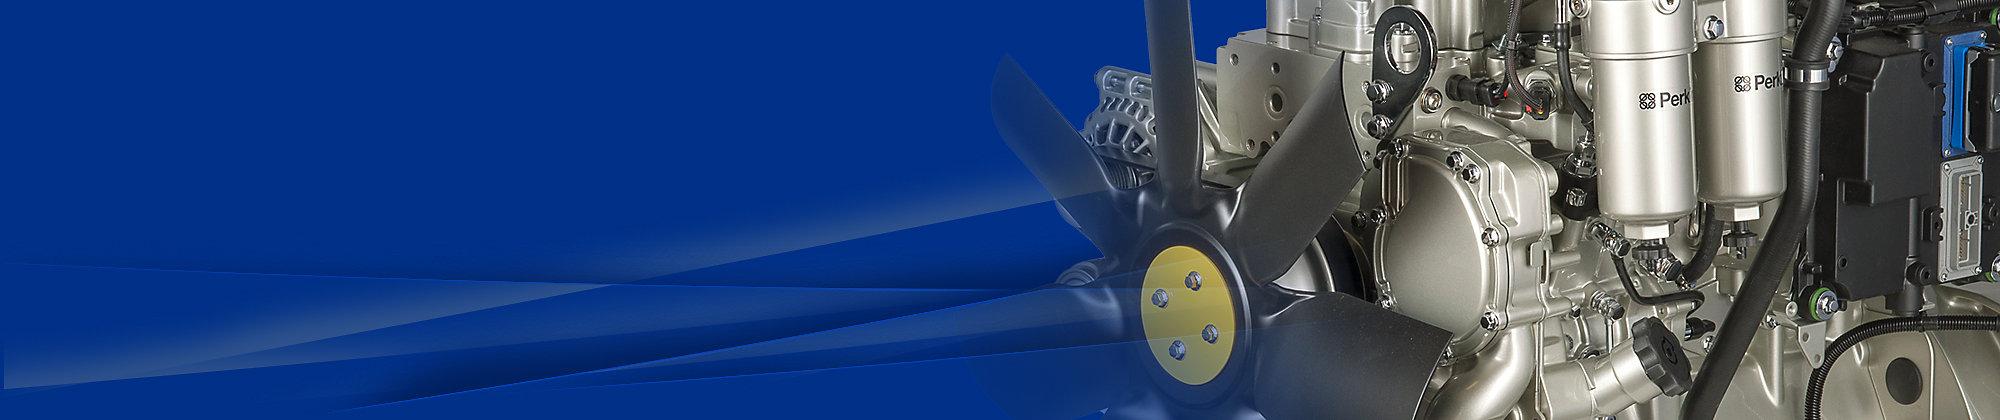 Perkins 翻新和 更换发动机选件